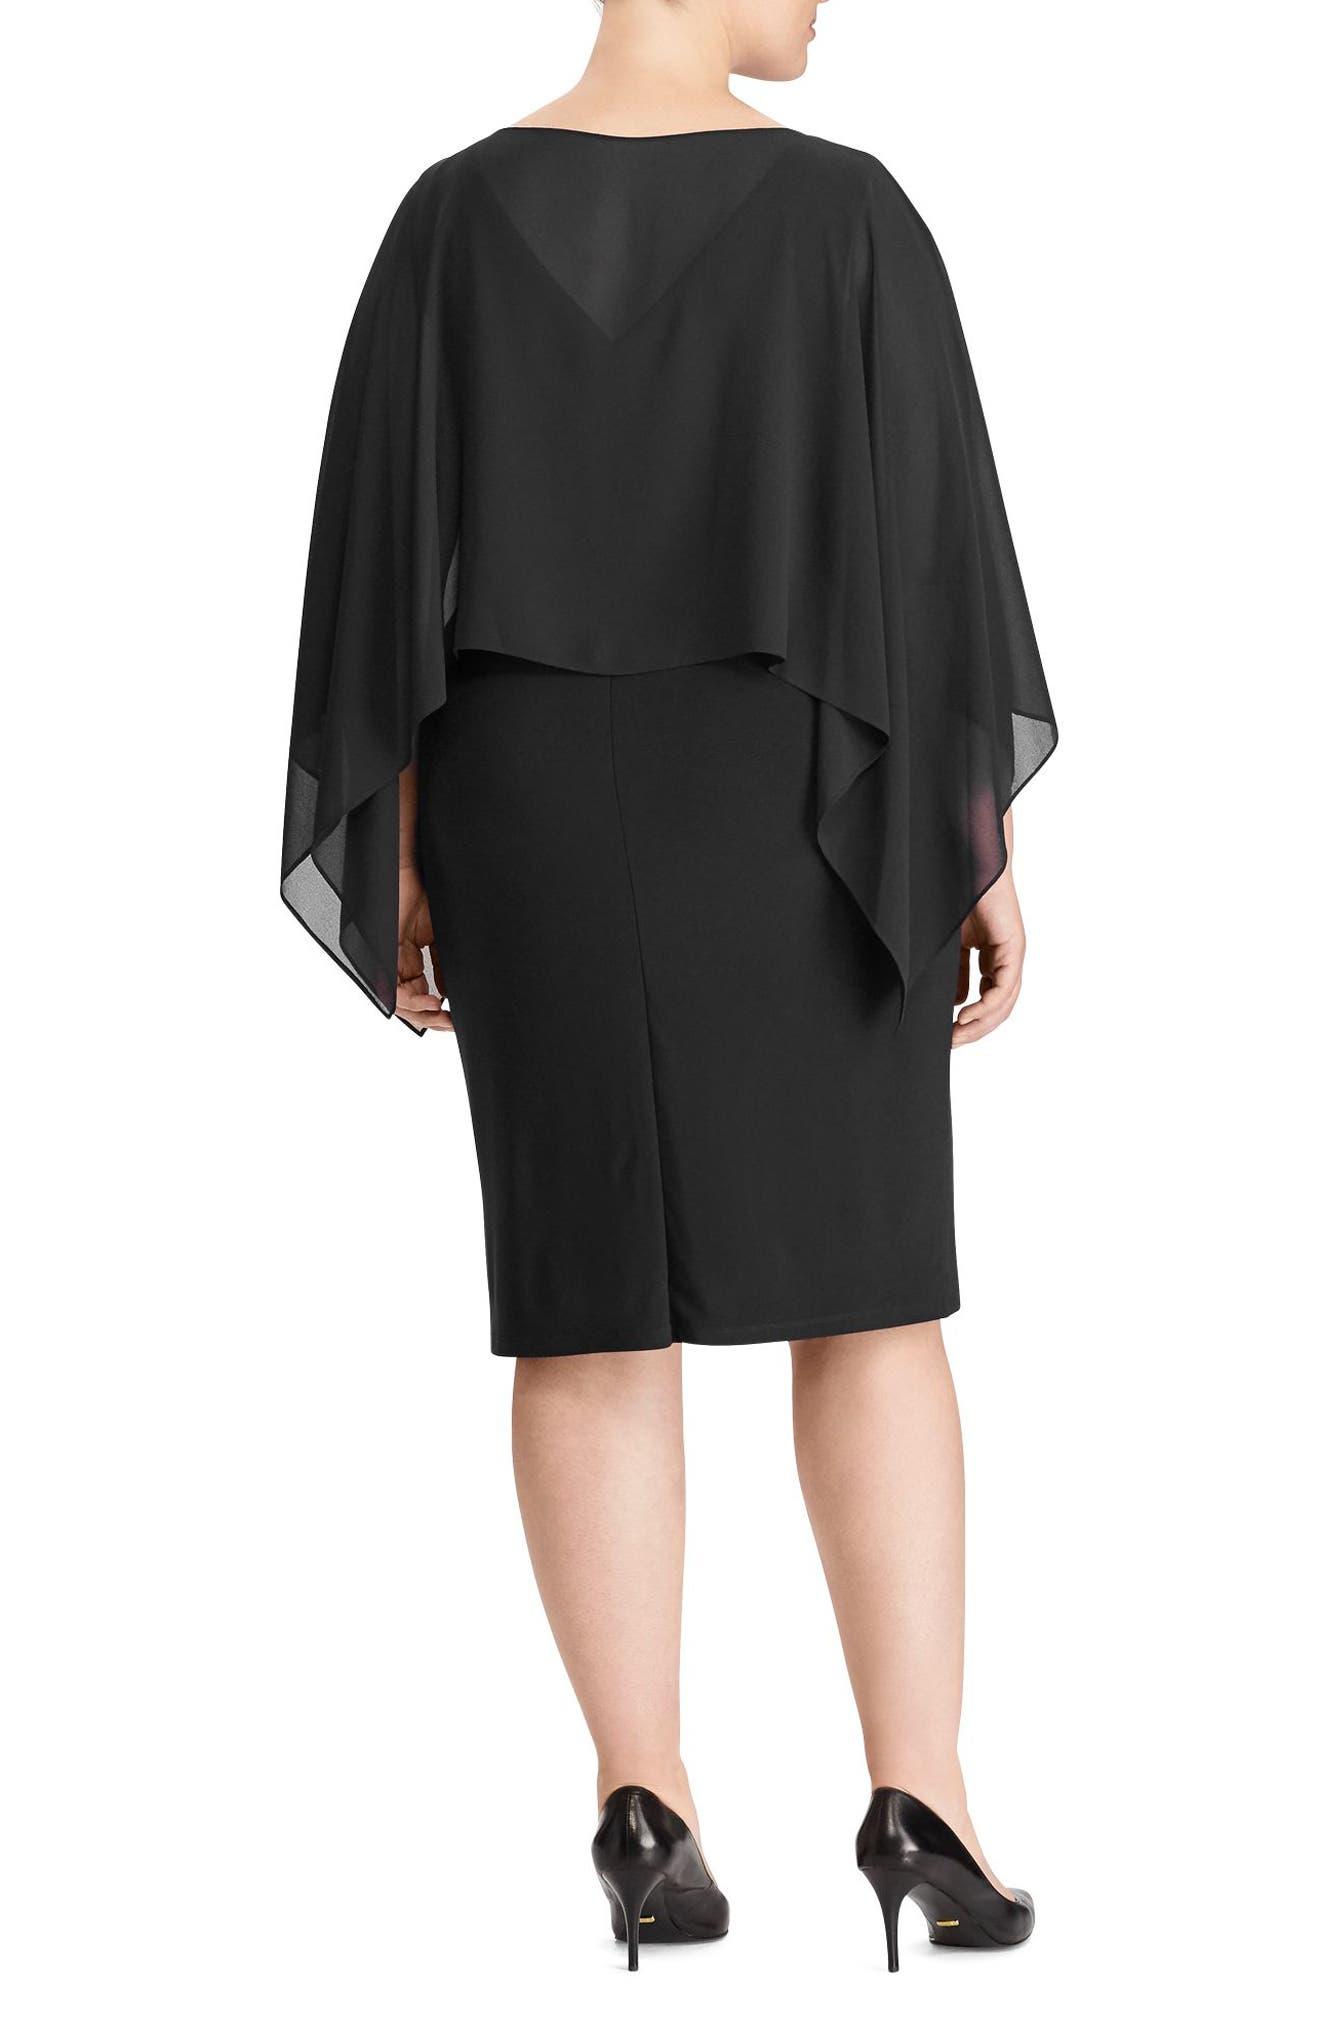 Mercinitta Dress,                             Alternate thumbnail 2, color,                             Black